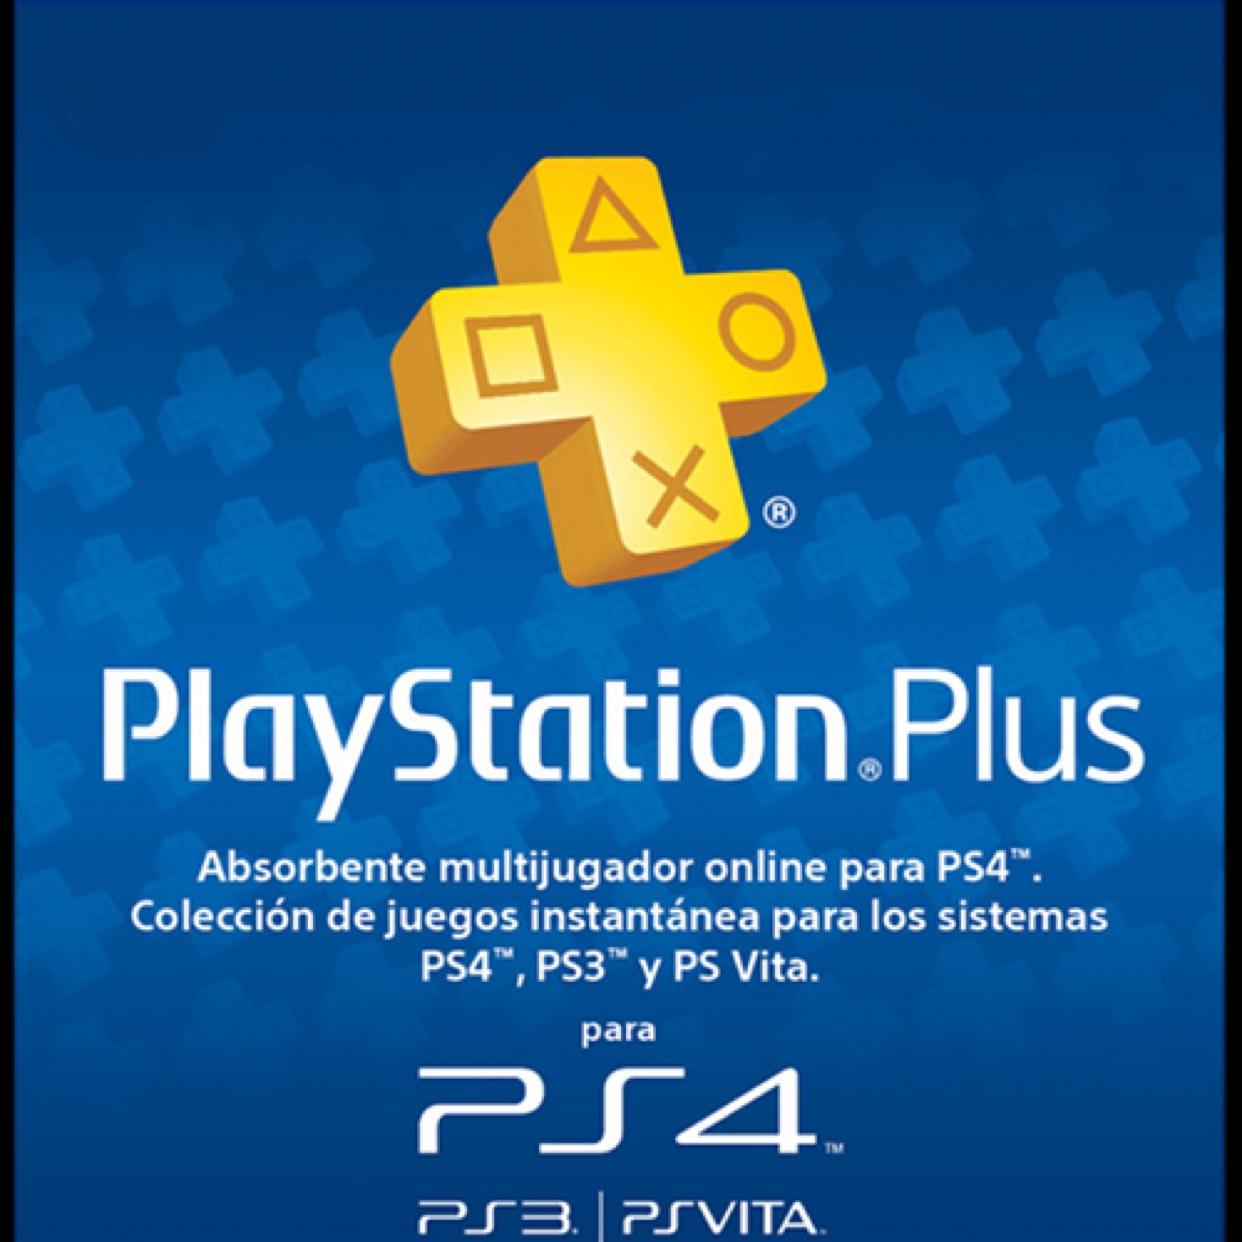 PlayStation Plus - Suscripción 365 días